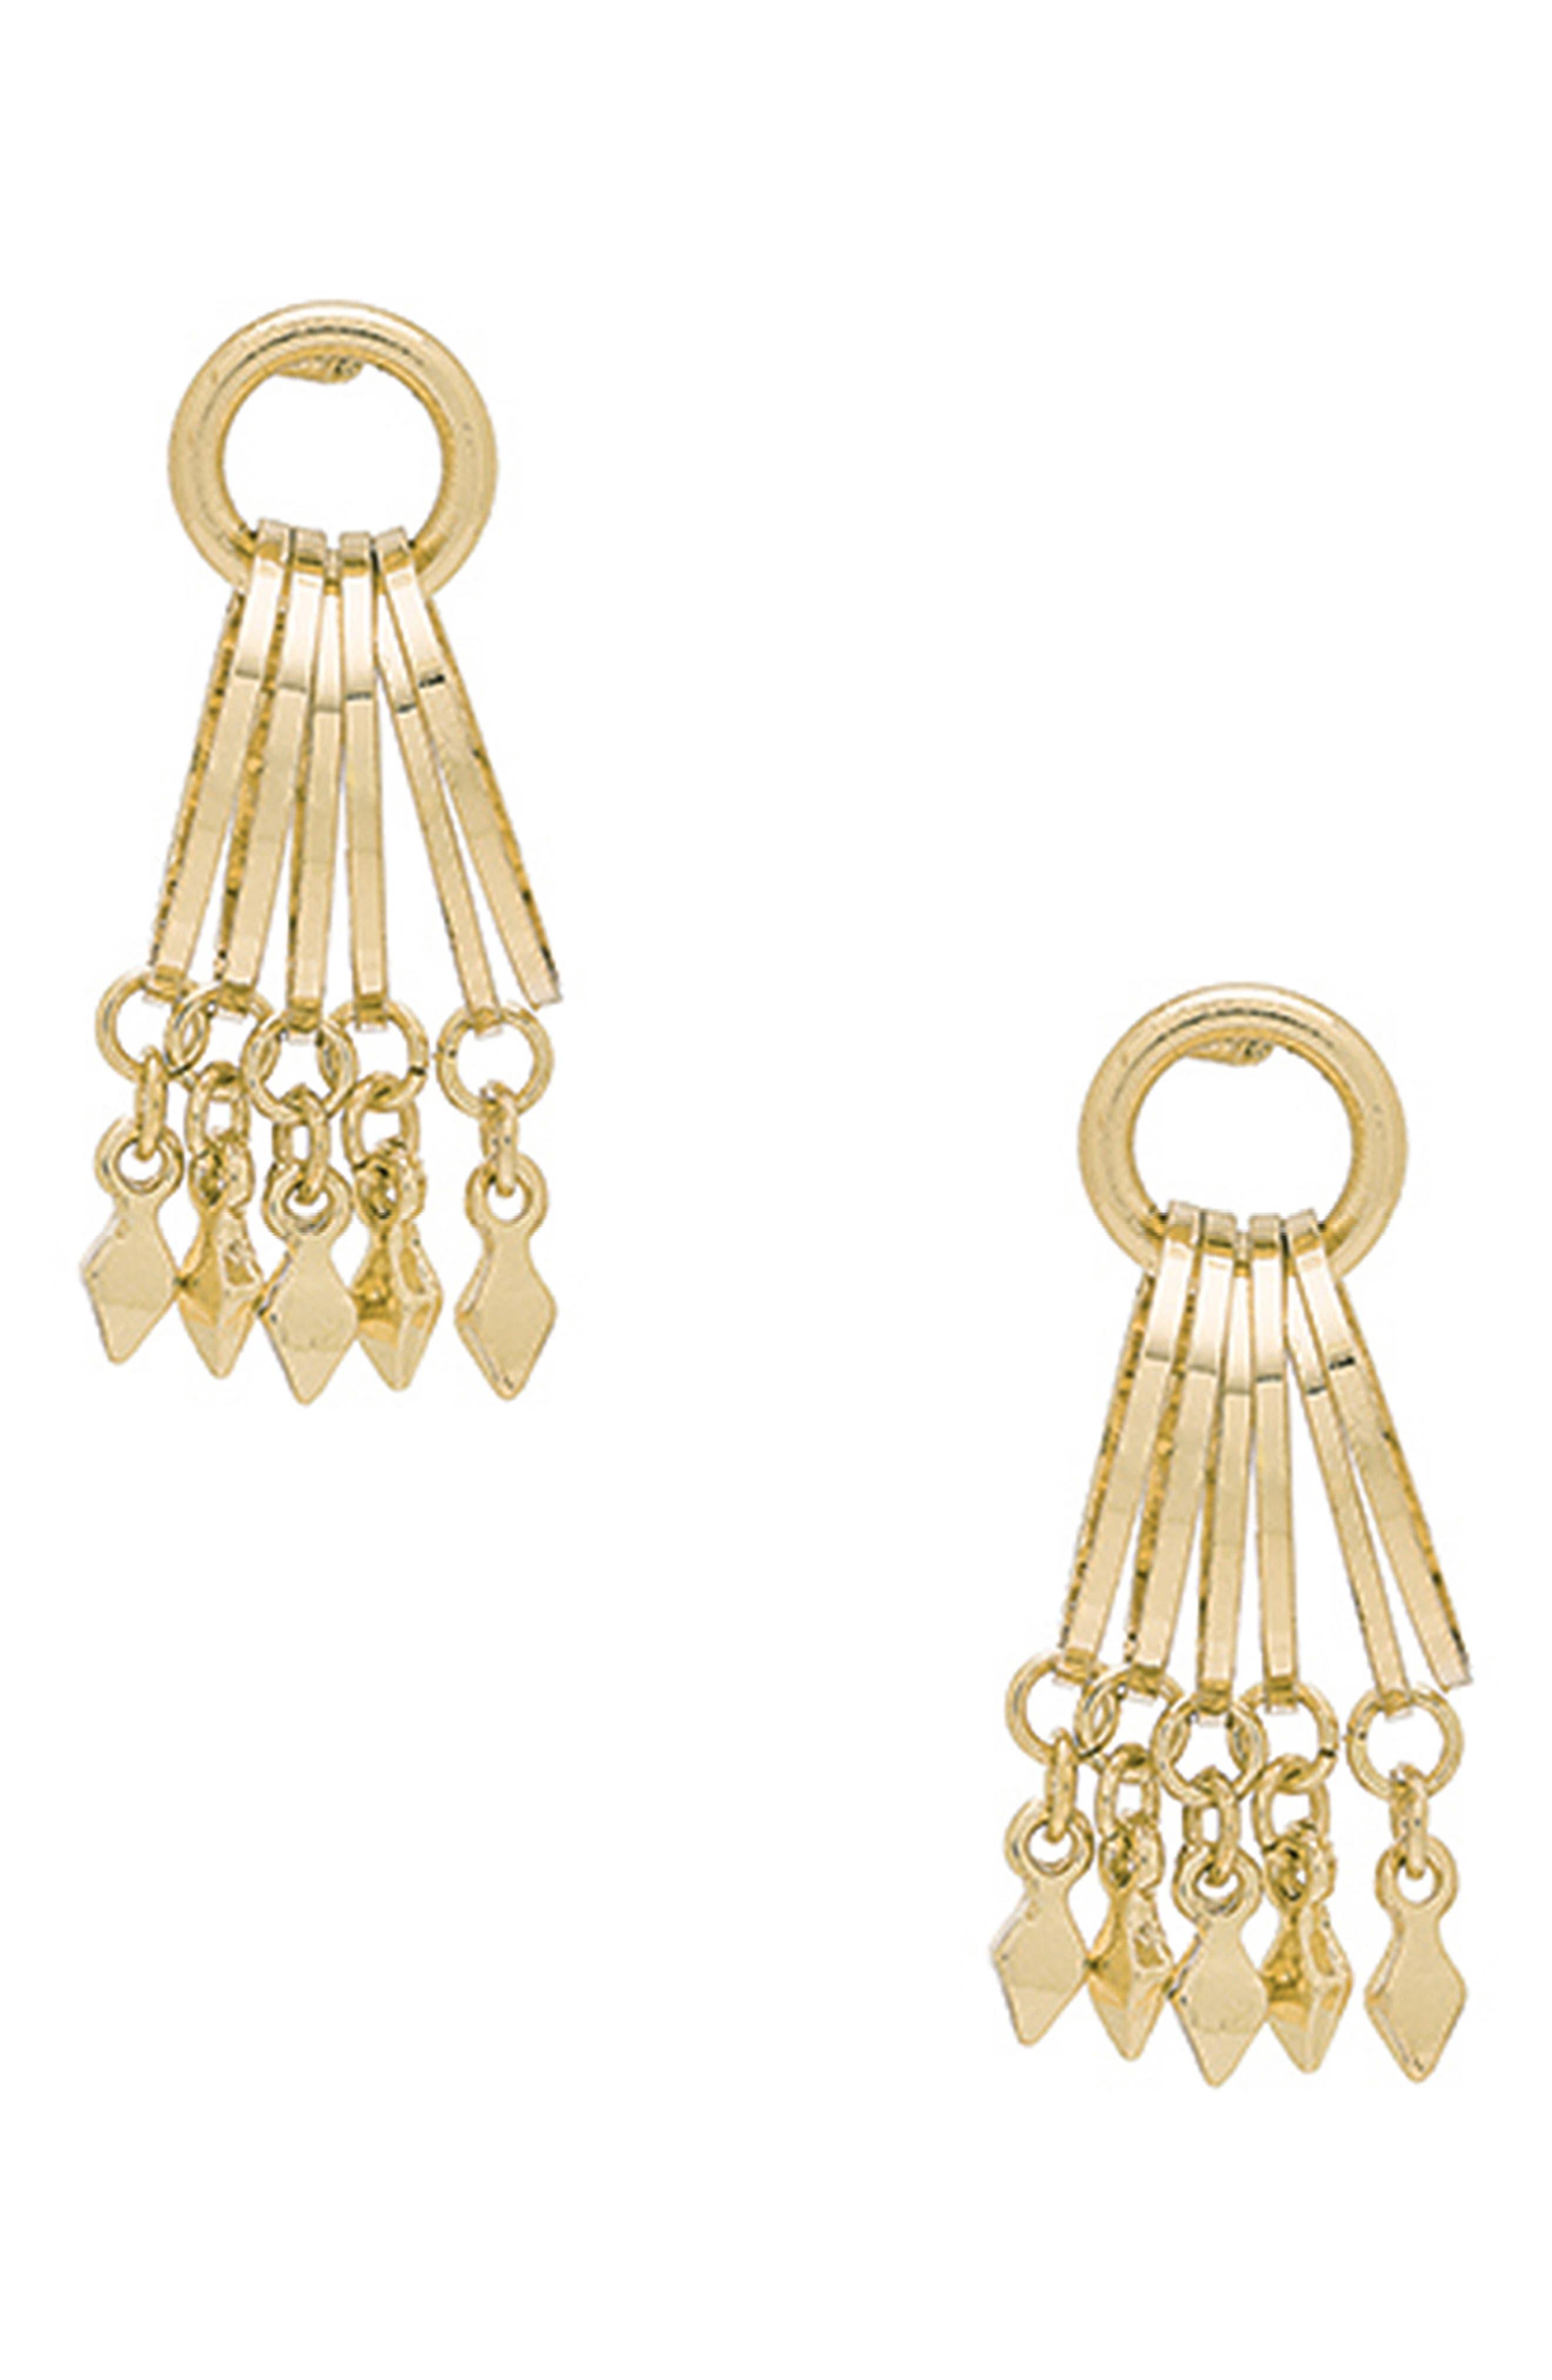 ETTIKA Charm Hoop Stud Earrings in Gold